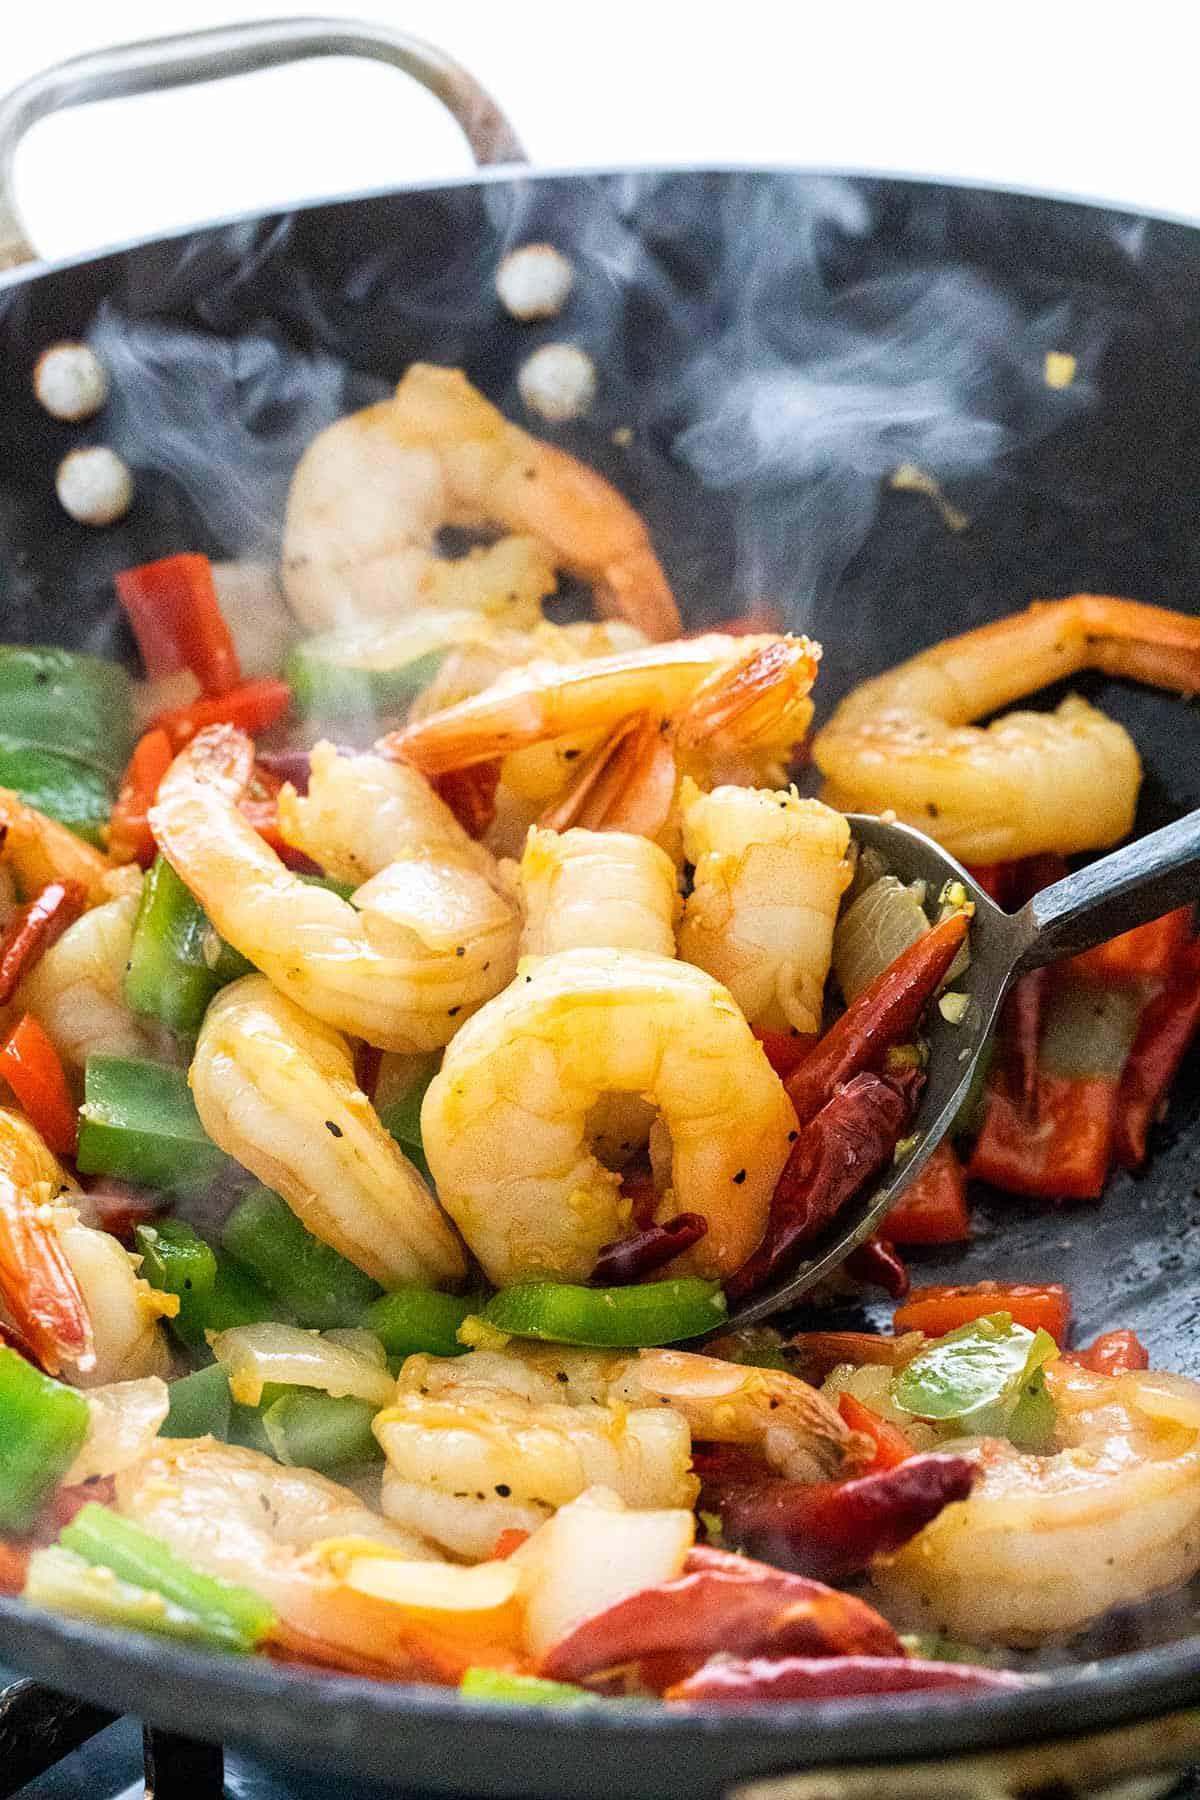 shrimp stir frying in a wok